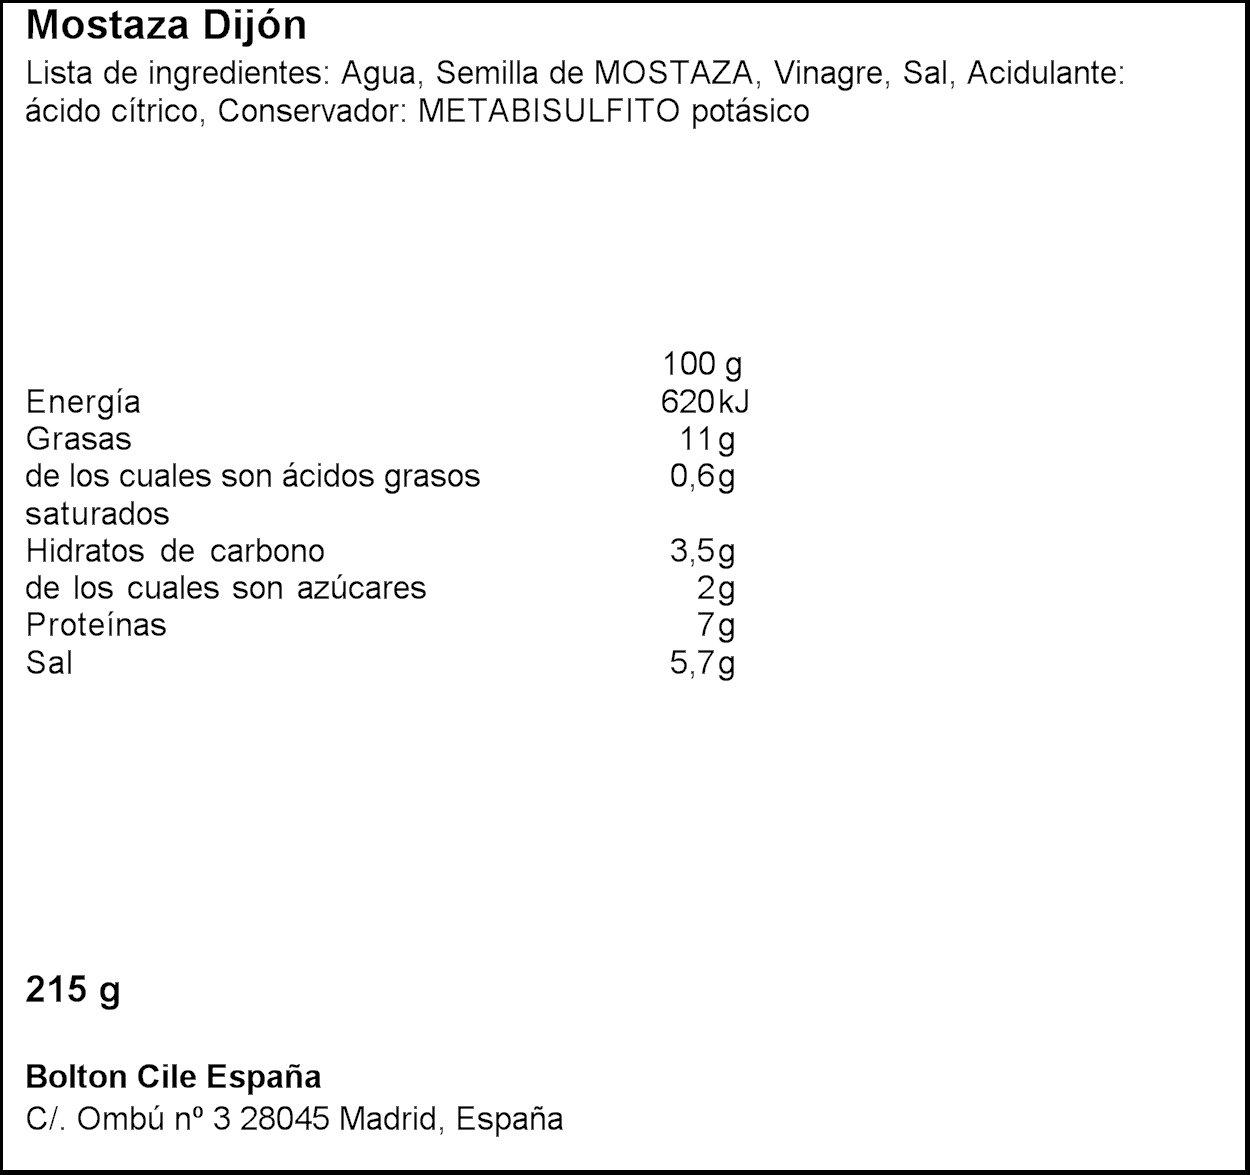 Maille - Mostaza Dijon Original 215 g - [pack de 3]: Amazon.es: Alimentación y bebidas